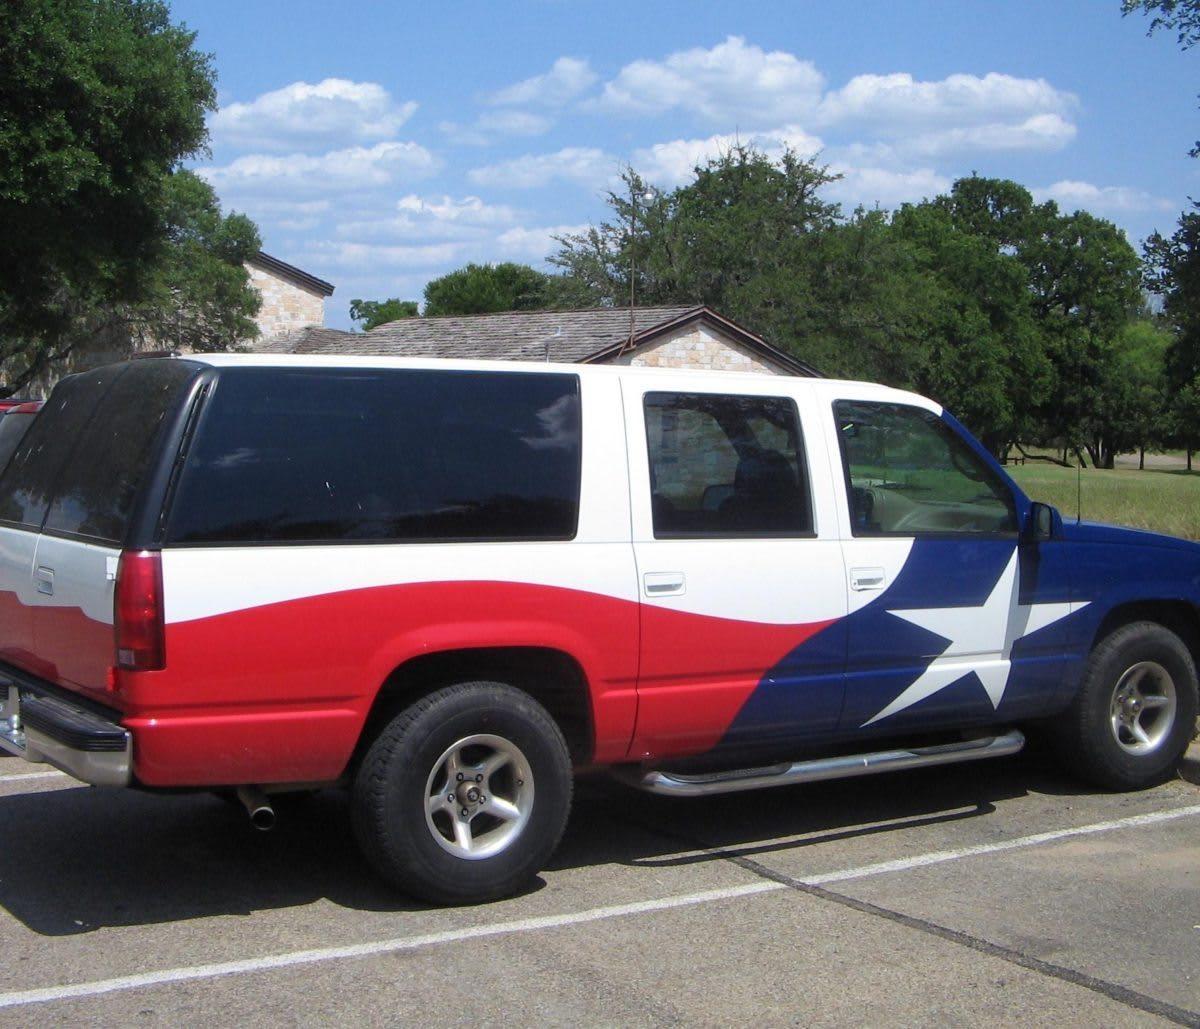 Texas SUV flag